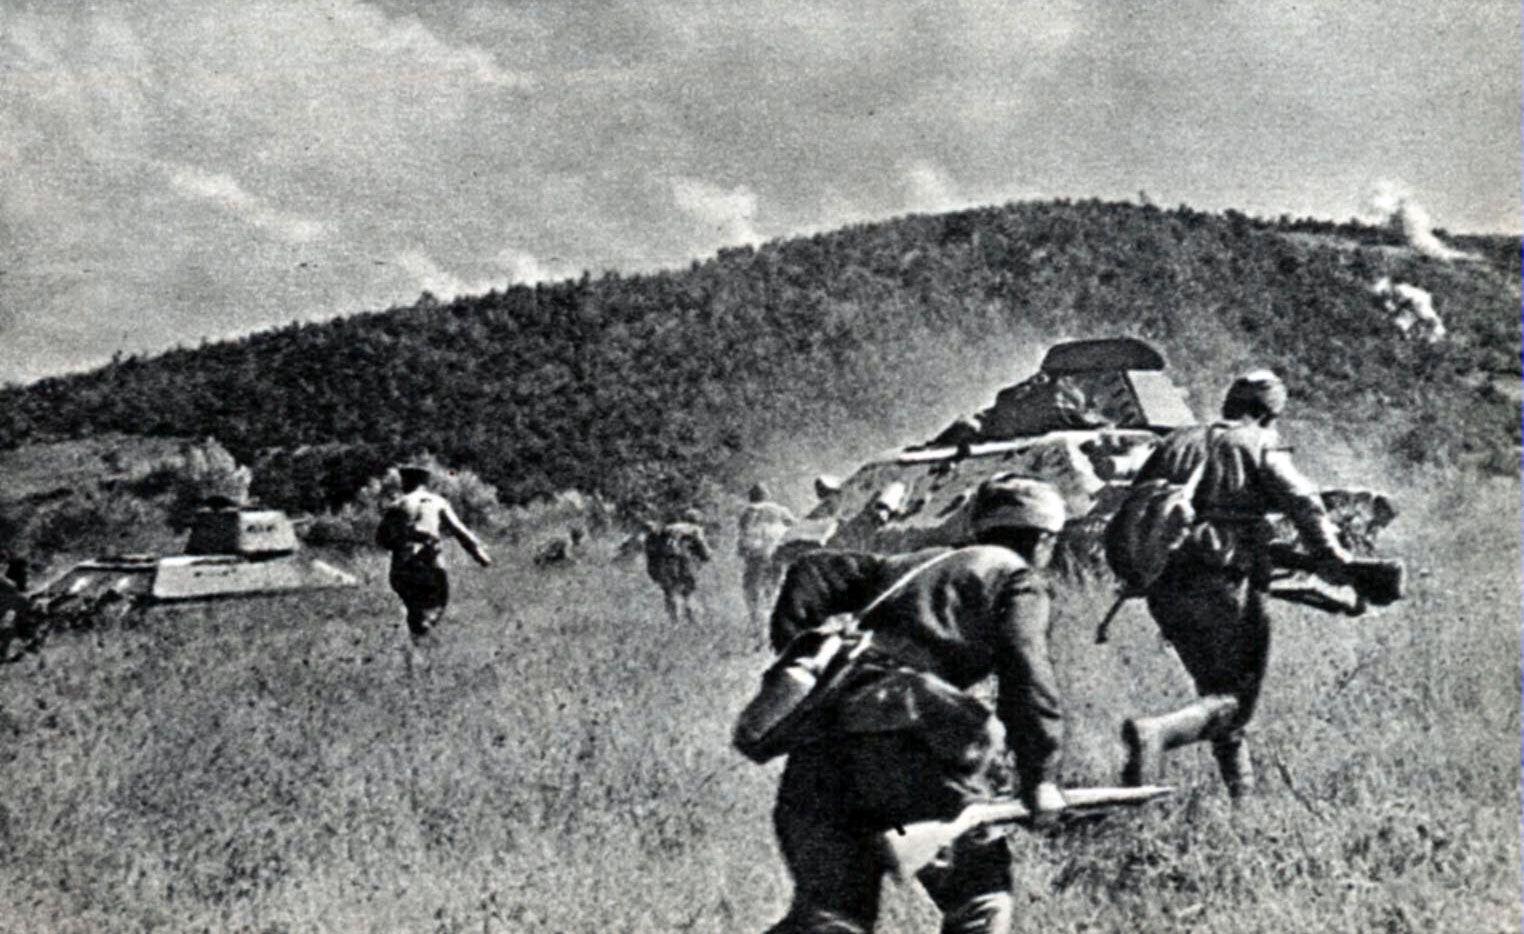 краснодарский край в годы великой отечественной войны